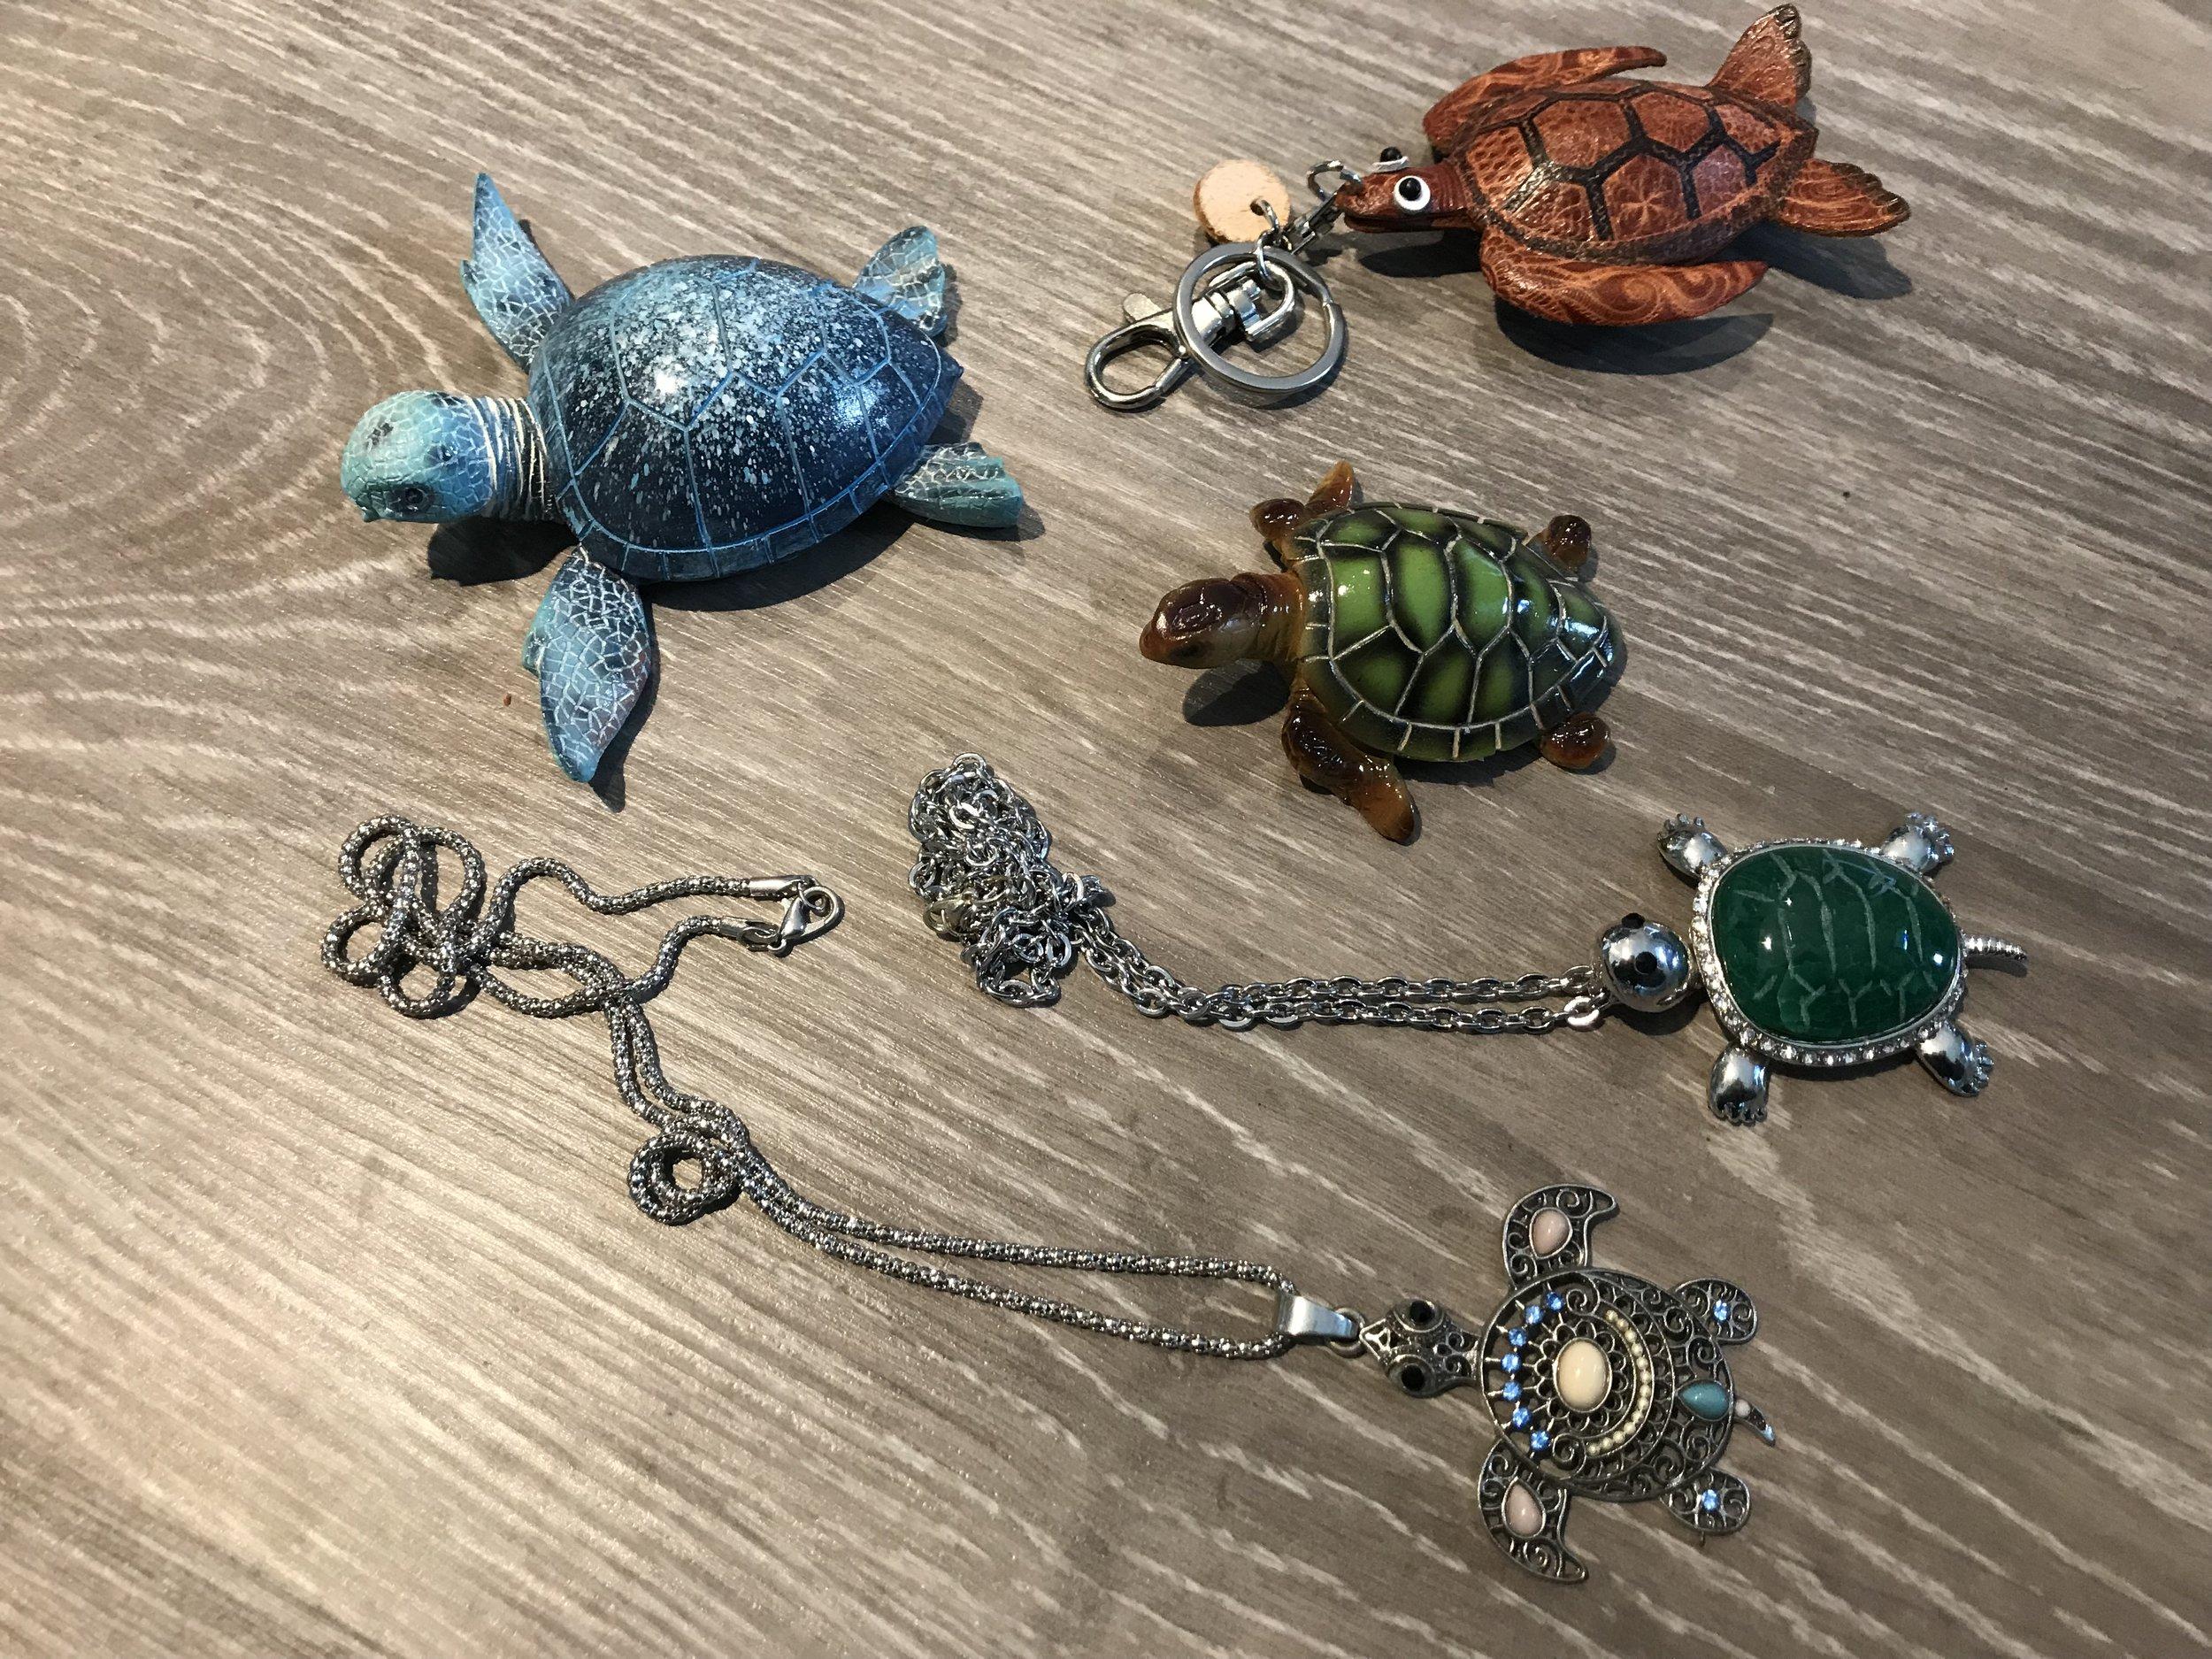 Toimistolla on myynnissä kilpikonna-aiheisia tavaroita, kuten koruja ja koristeita.